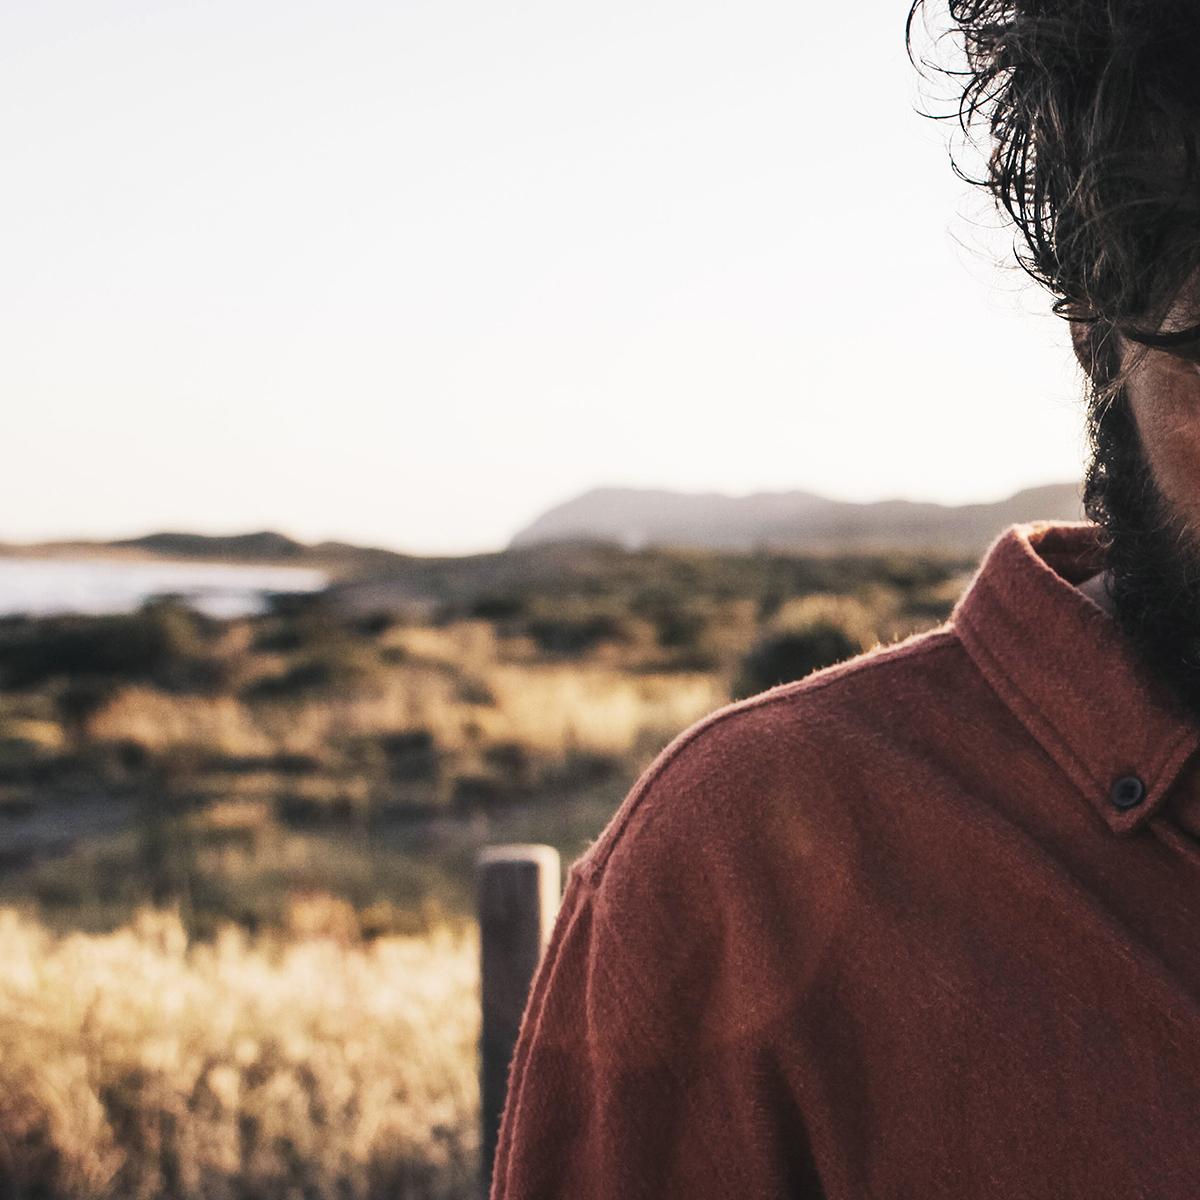 Mi Alimento, segundo single de Borja Mompó, voz de Modelo de Respuesta Polar